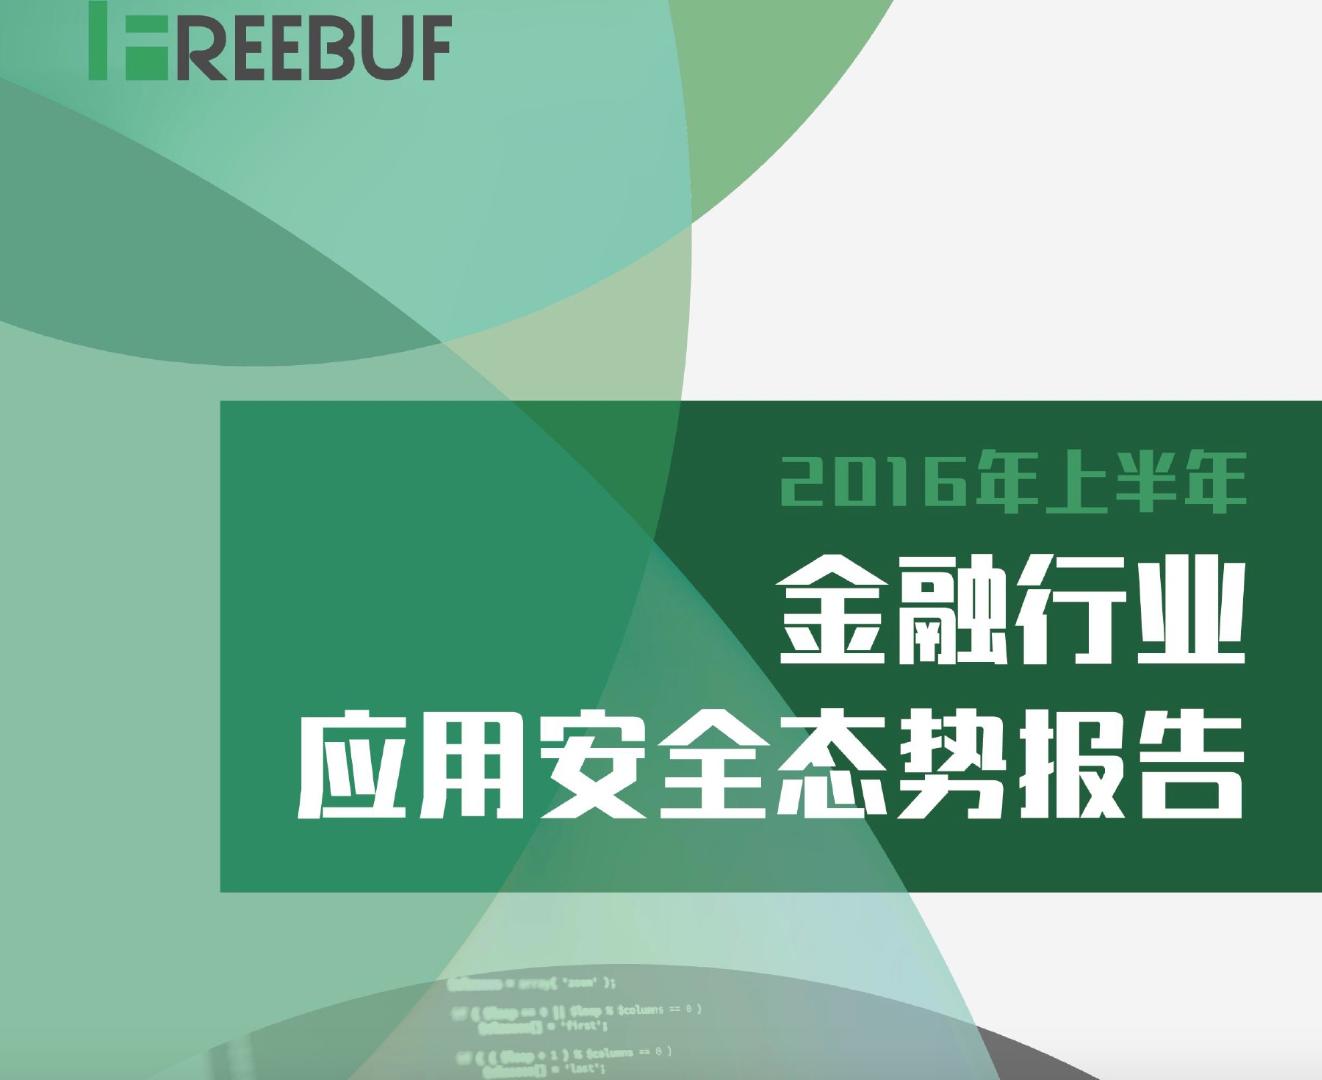 【行研】FreeBuf发布2016年上半年金融行业应用安全态势报告